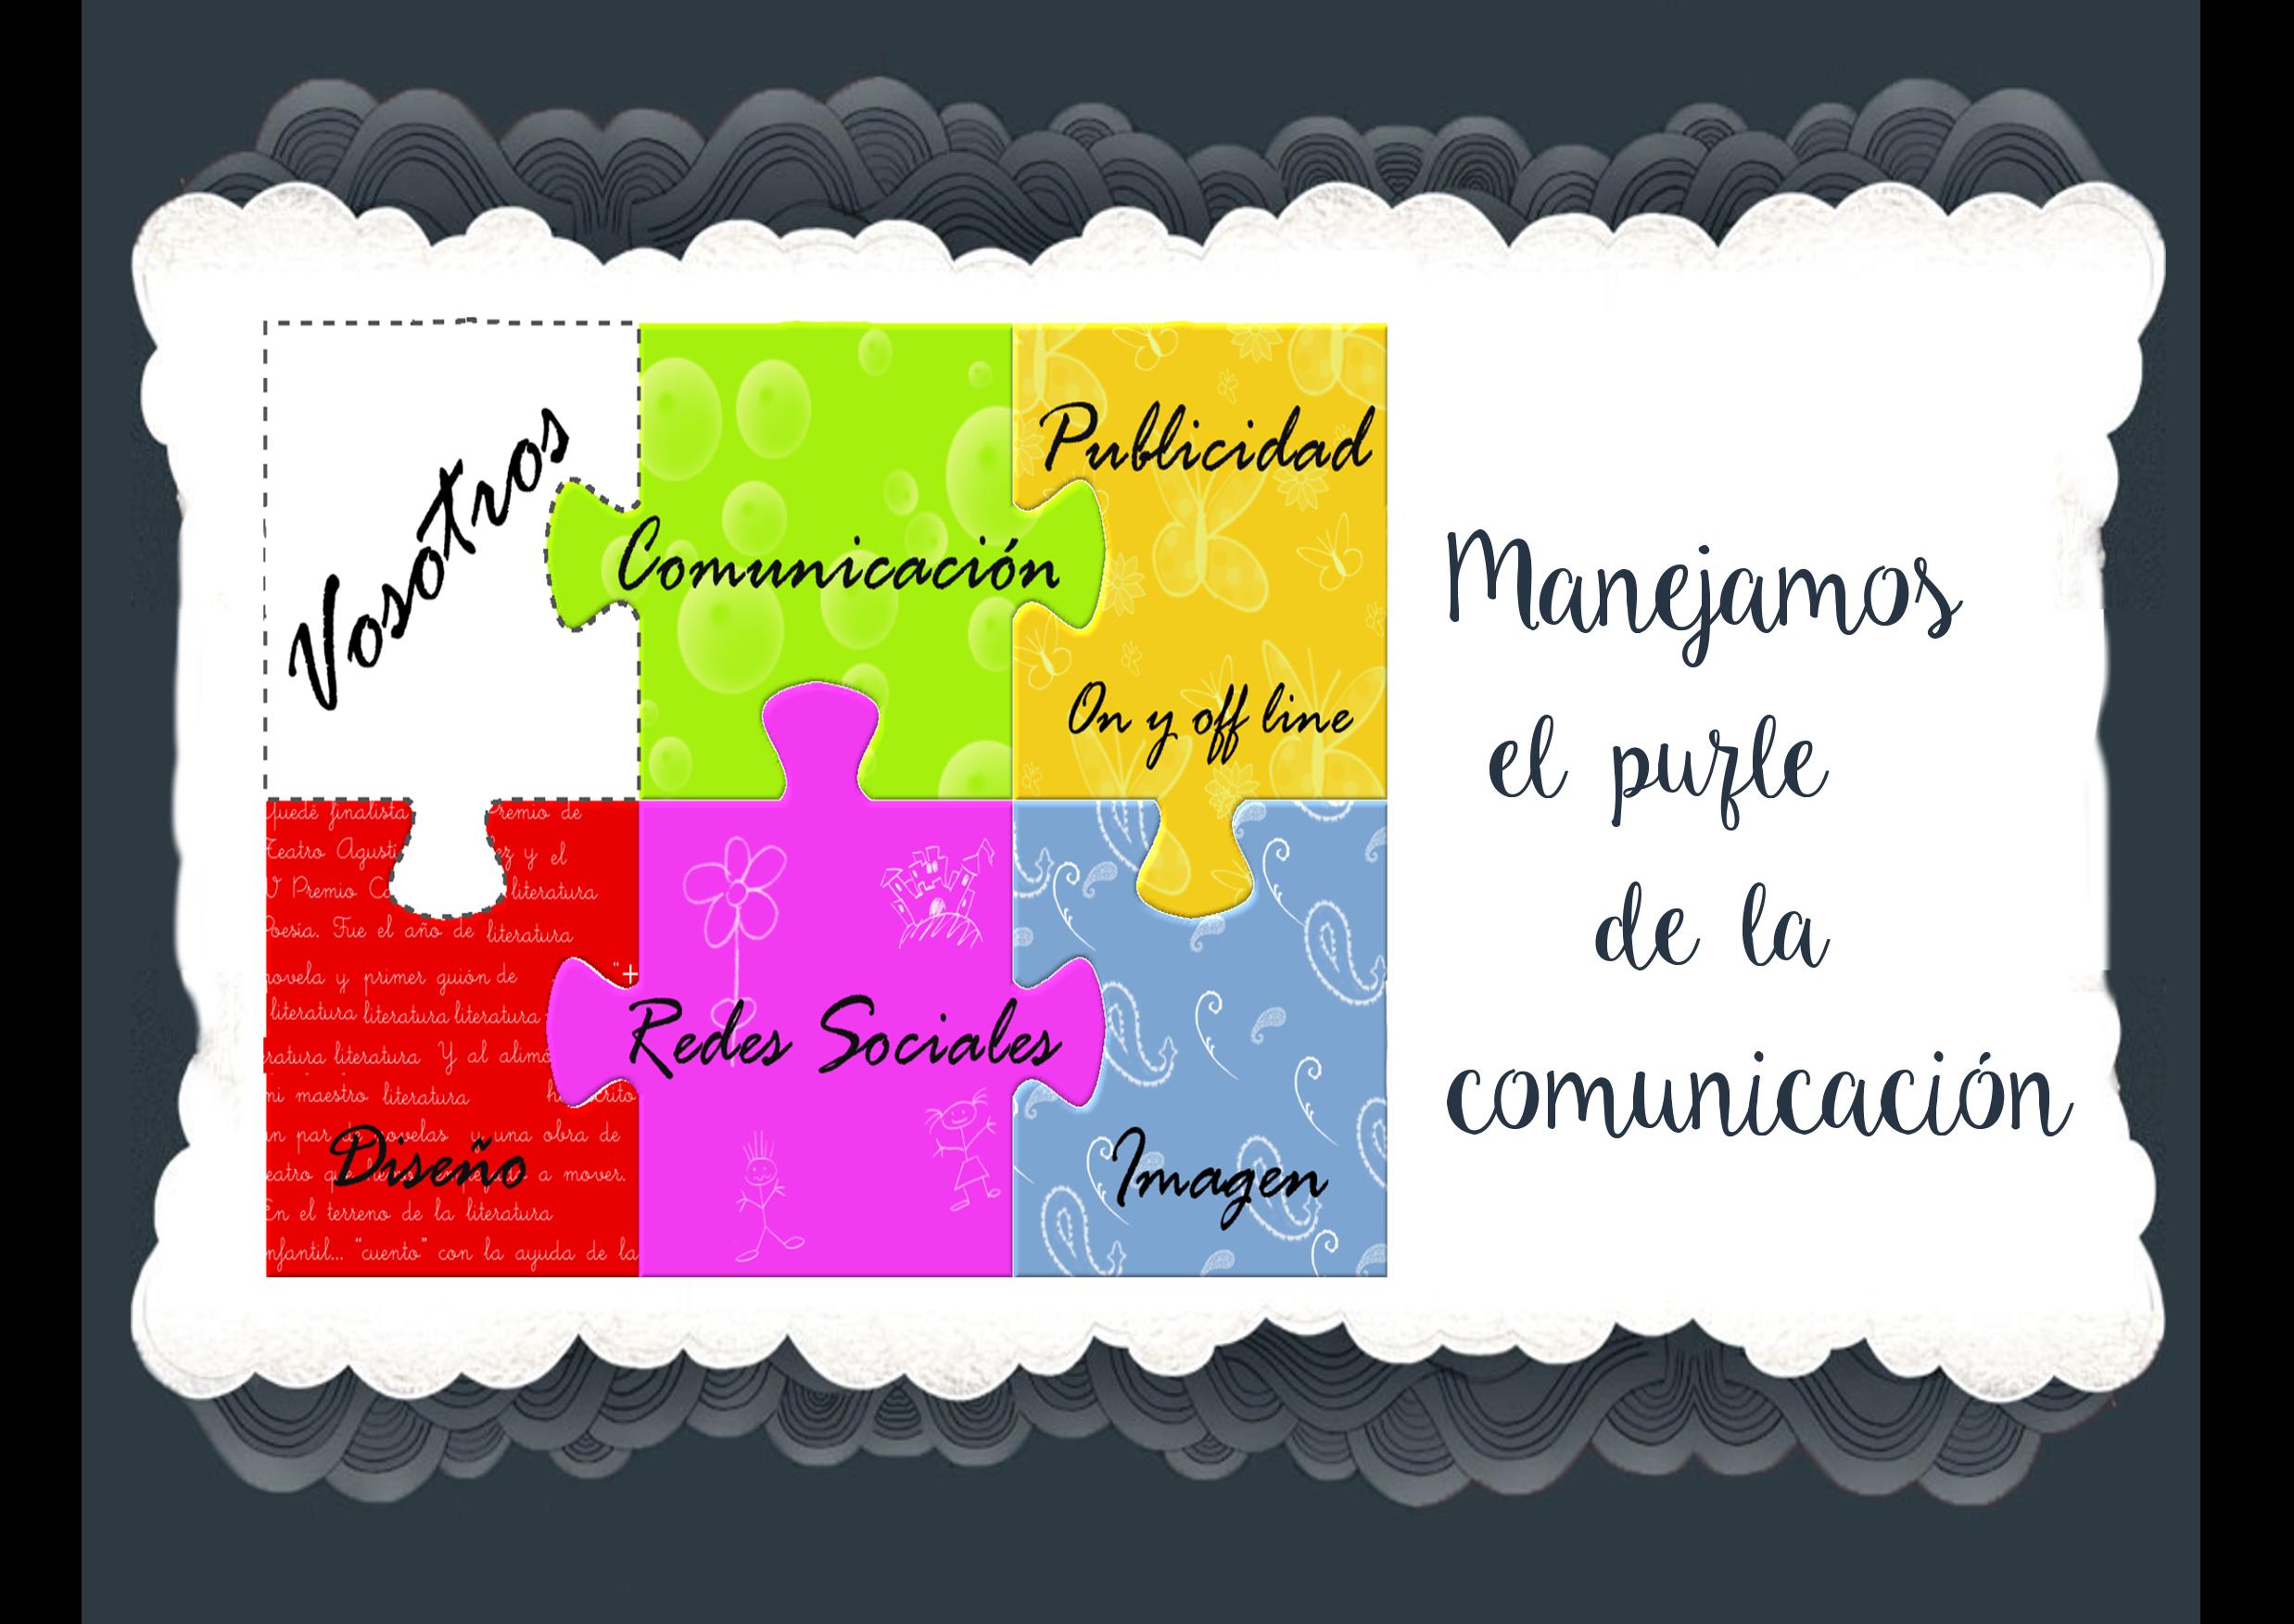 púzle de la comunicación web